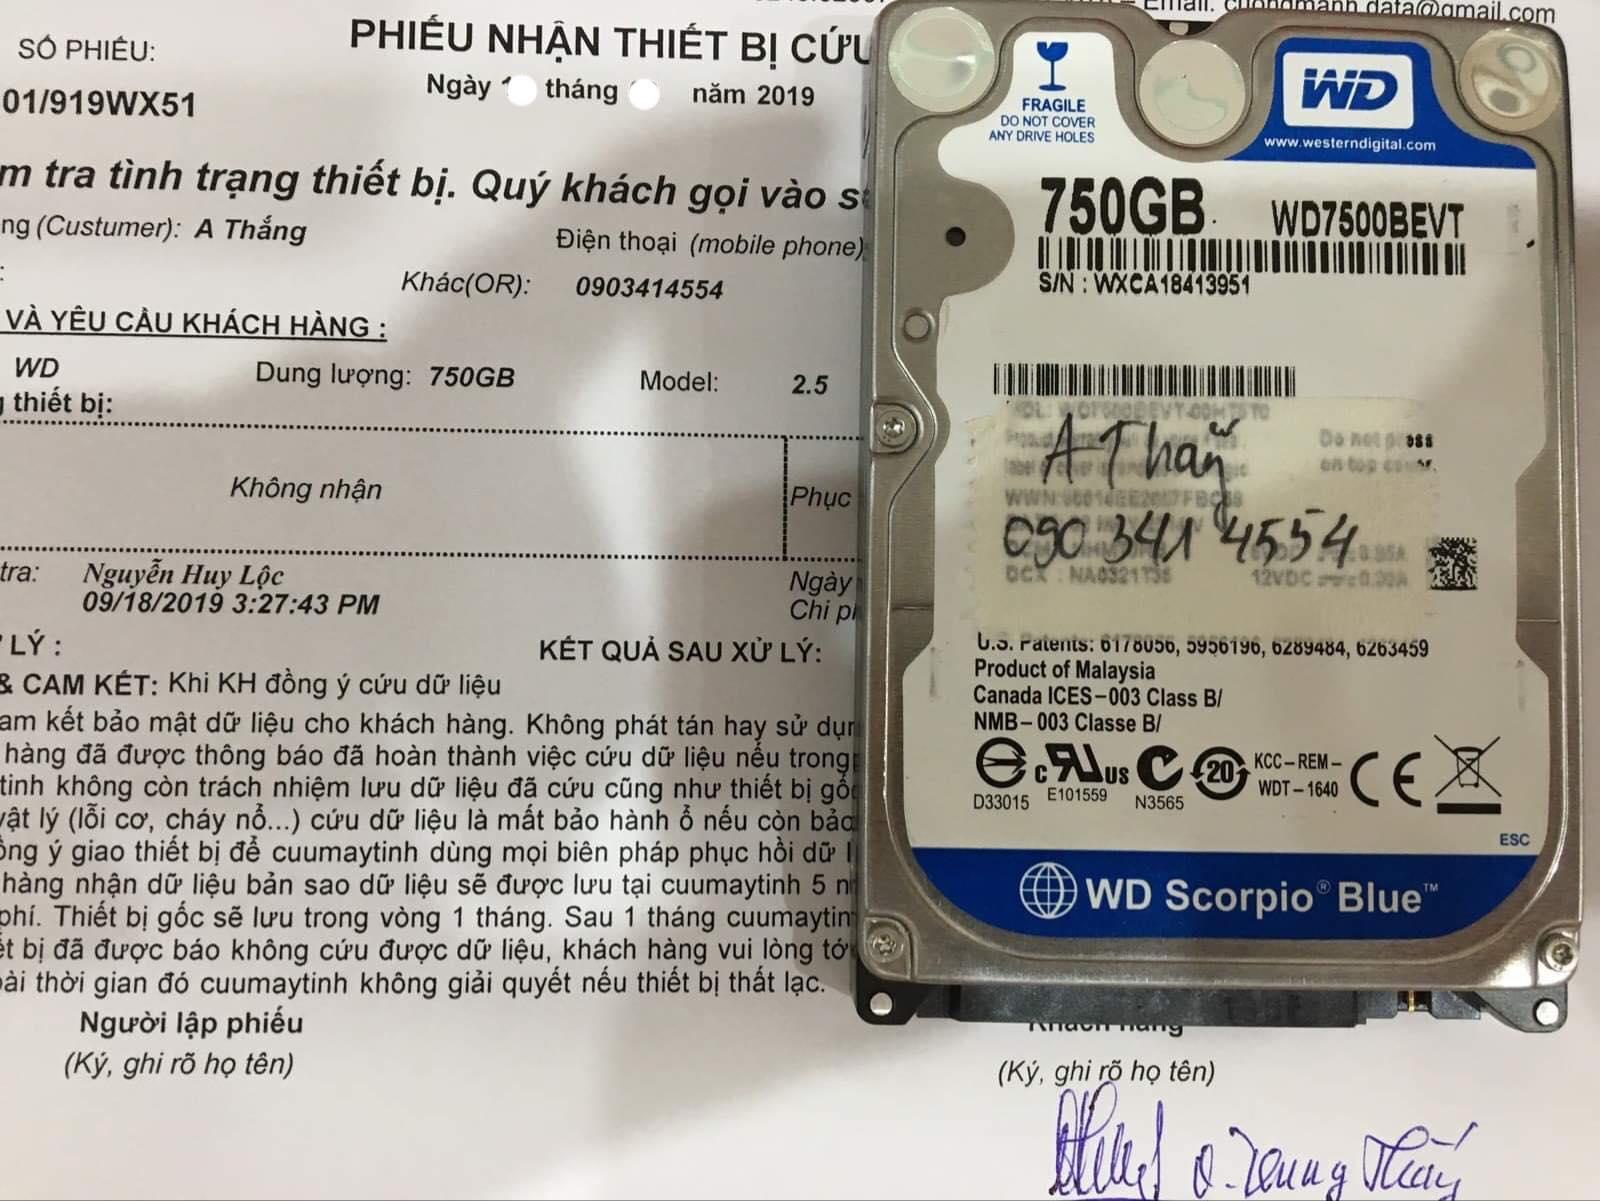 Phục hồi dữ liệu ổ cứng Western 750GB không nhận 01/10/2019 - cuumaytinh